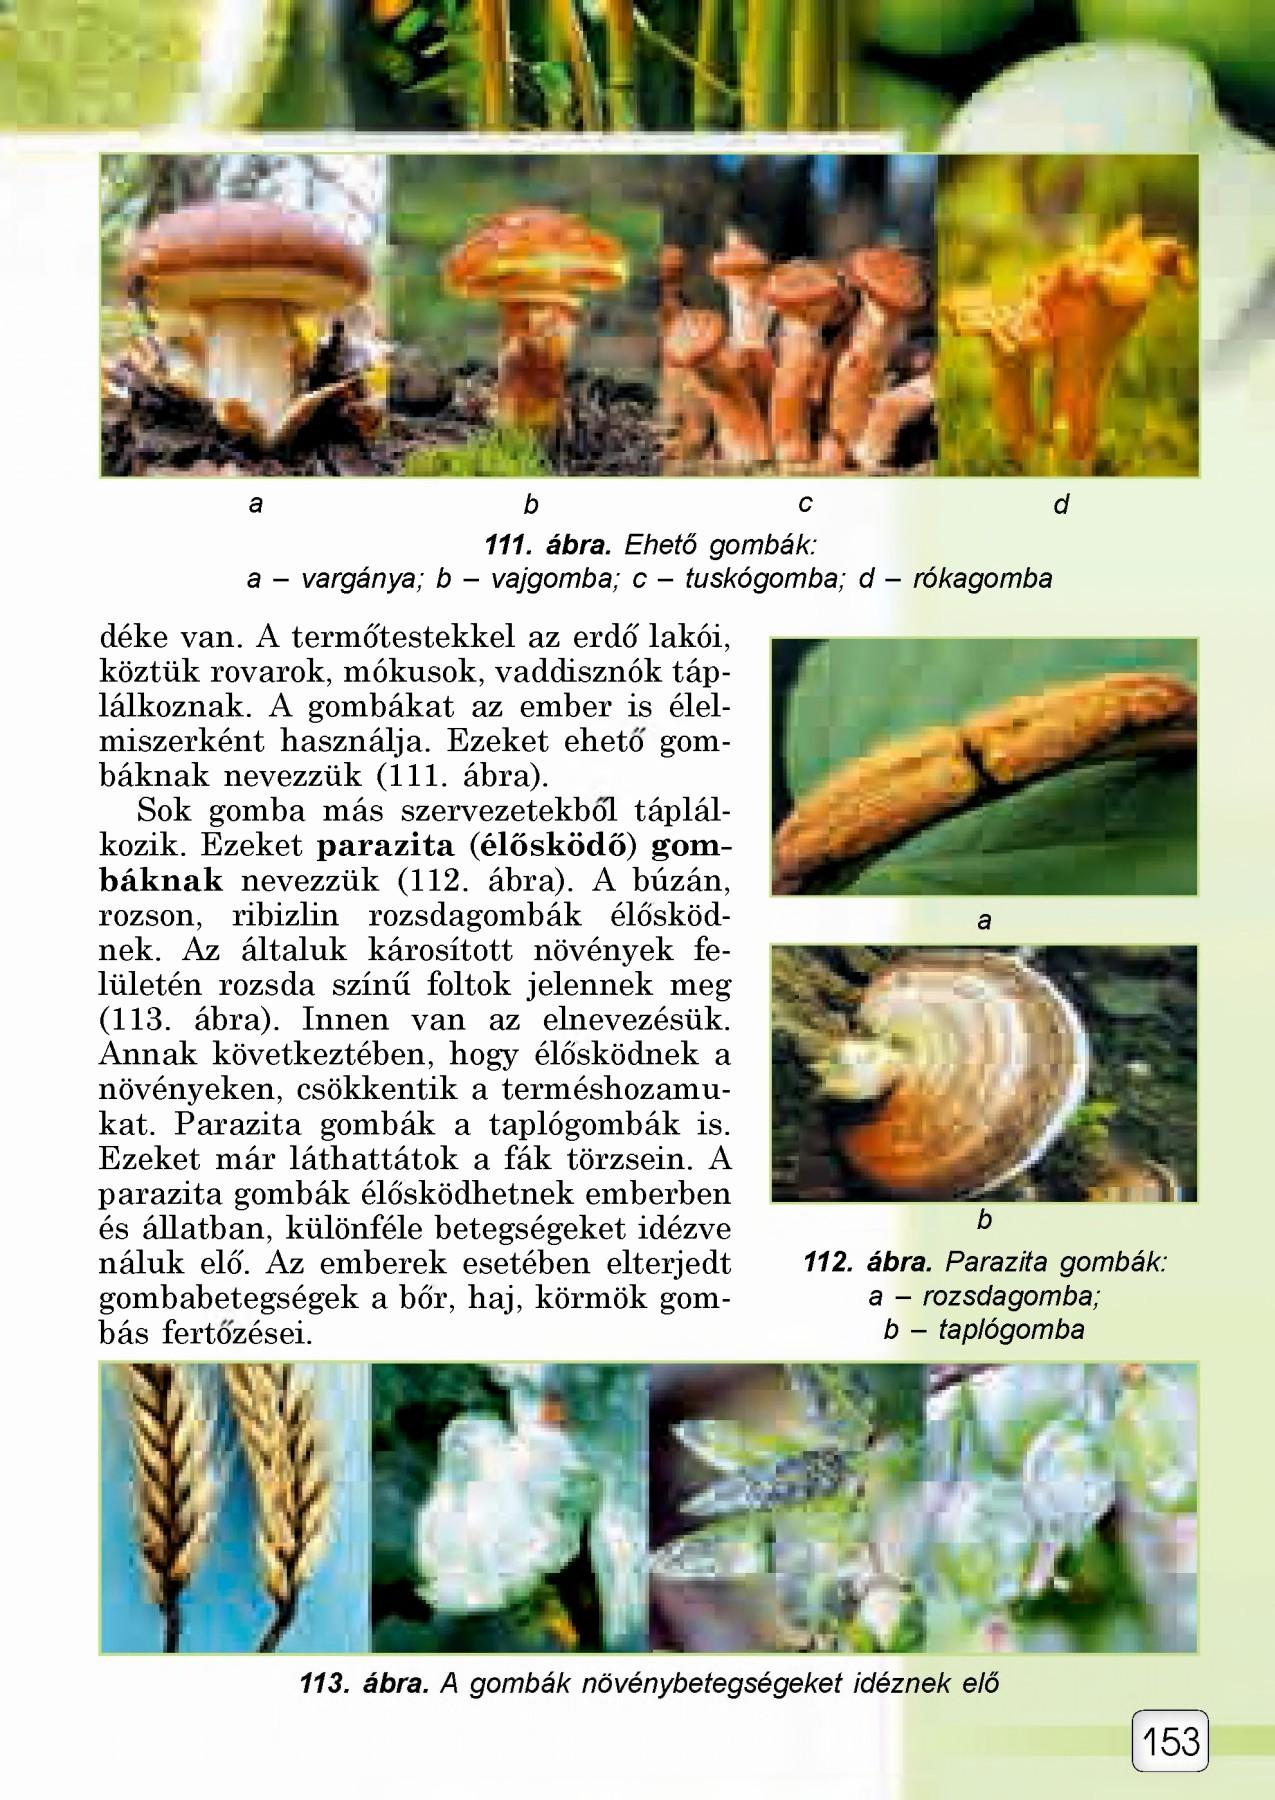 a gombák paraziták méz tisztítása a parazitáktól